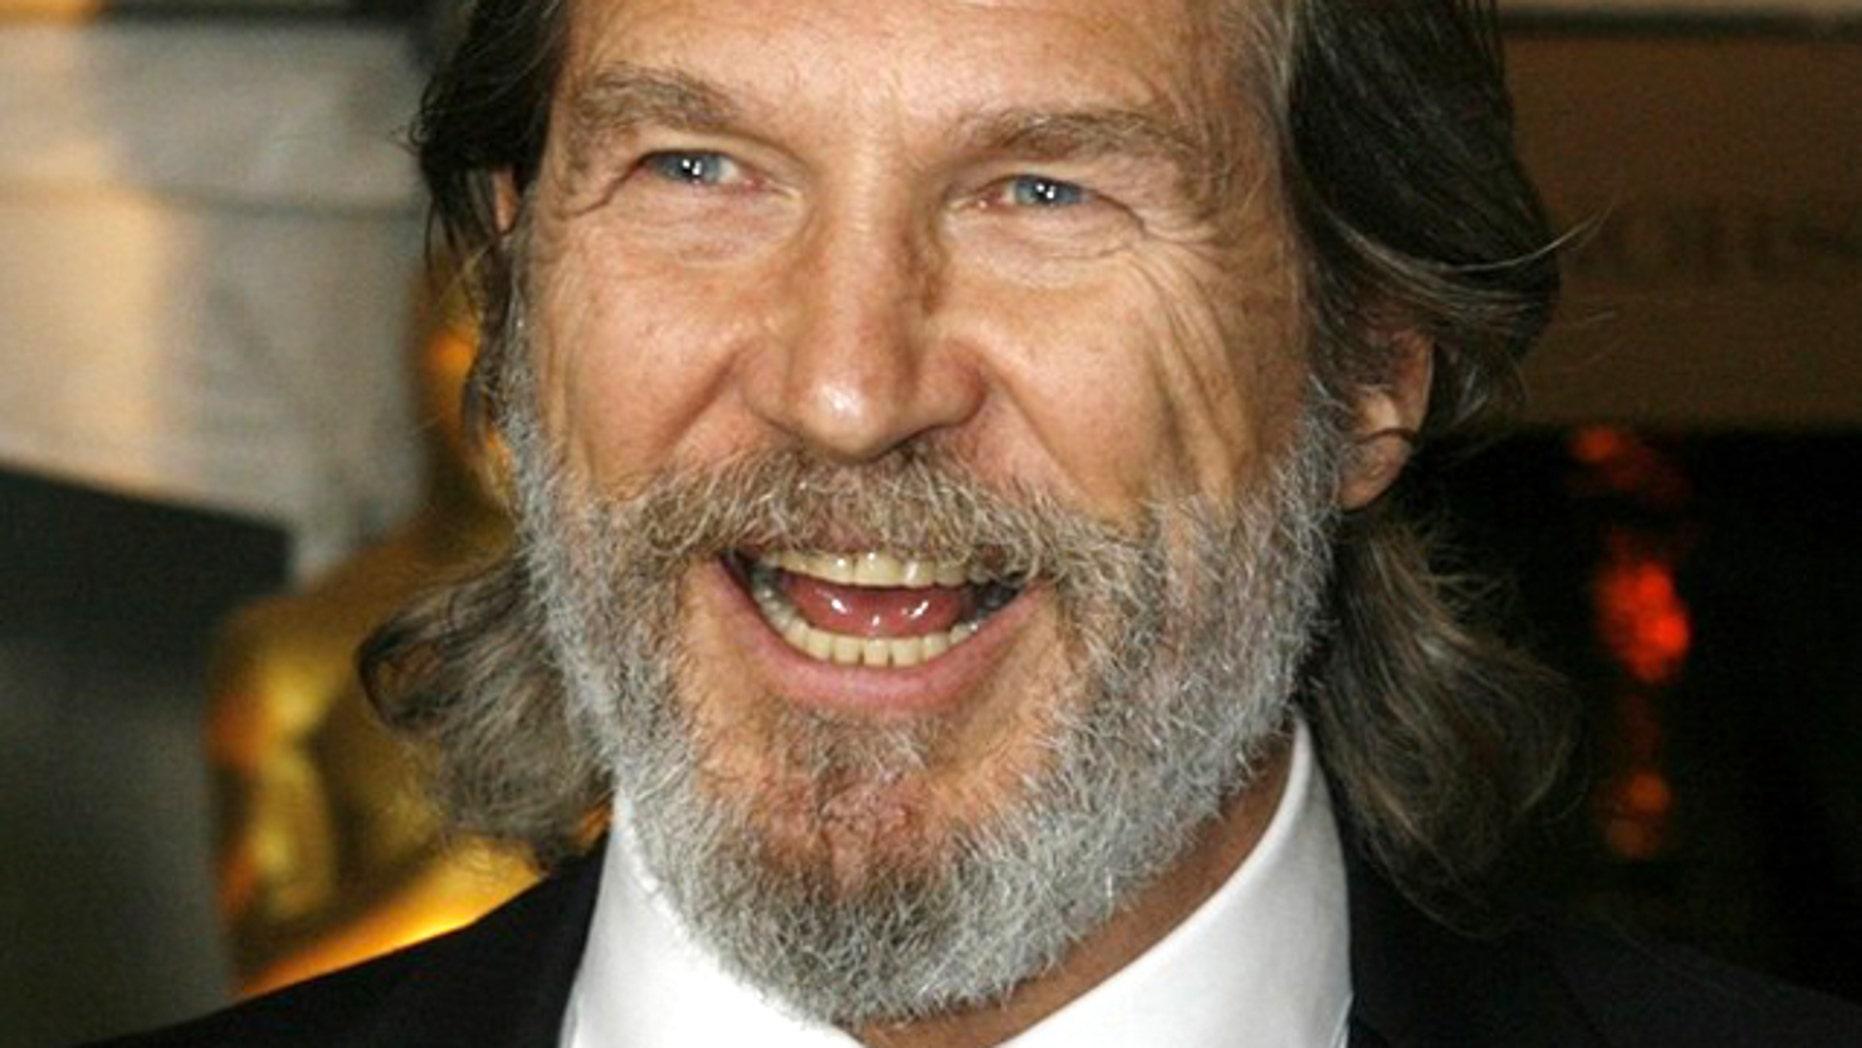 Actor Jeff Bridges